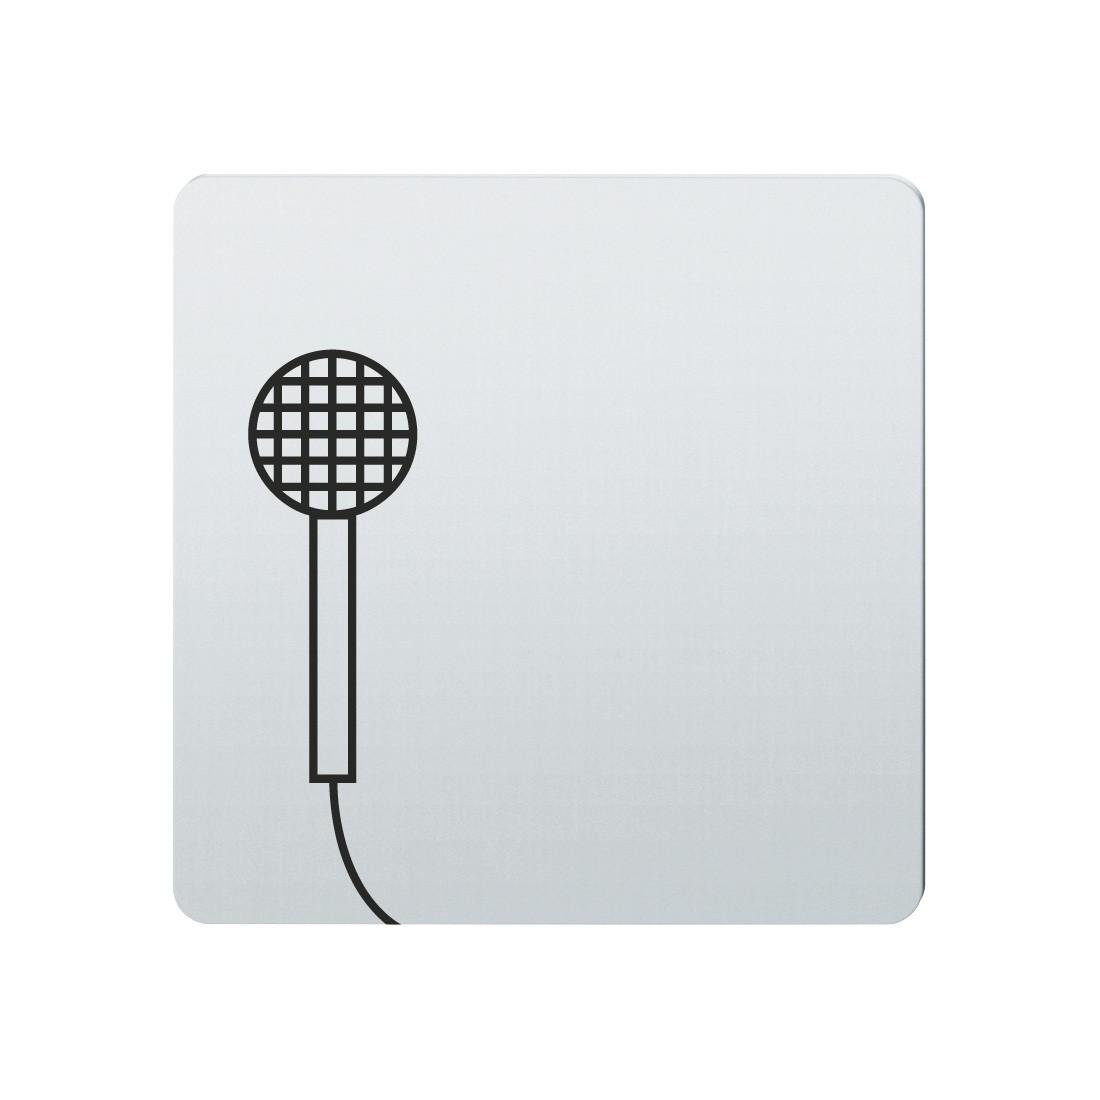 FSB Hinweiszeichen Rundfunk Lasergraviert Edelstahl fein matt (0 36 4059 00231 6204)